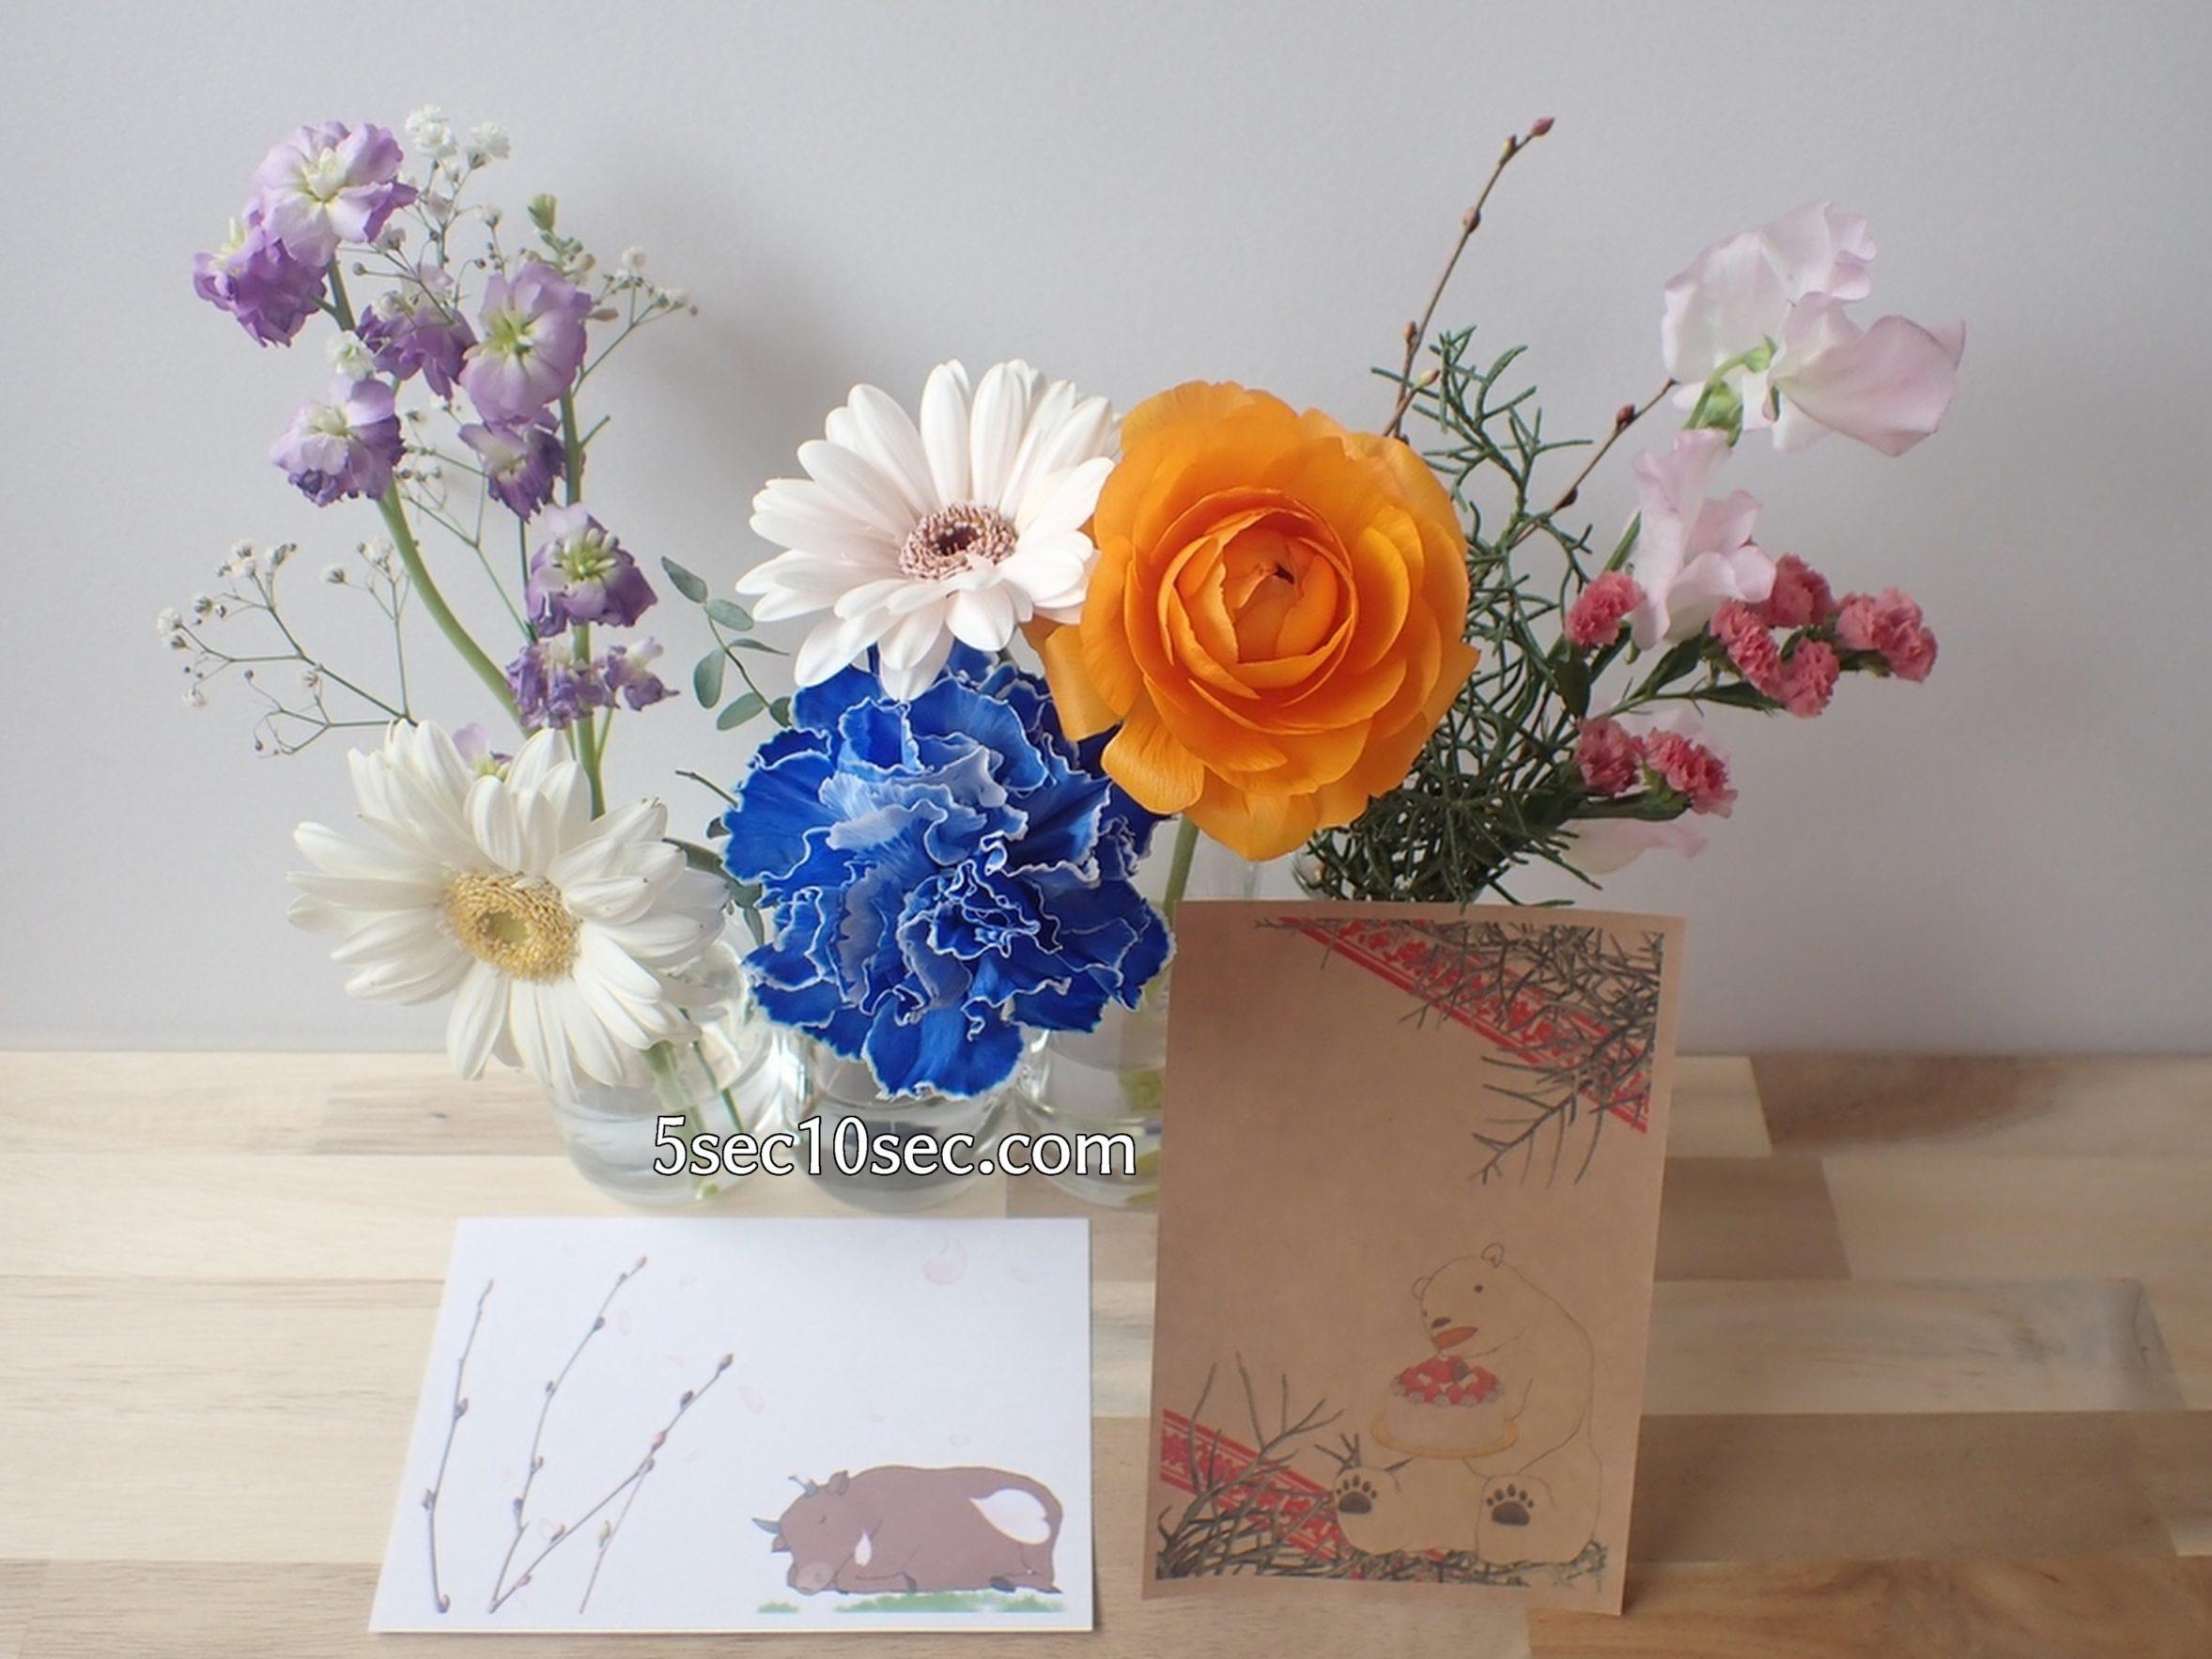 株式会社Crunch Style お花の定期便 Bloomee LIFE ブルーミーライフ レギュラープラン 前回のお花と今回のお花を小瓶を並べて飾る、クリスマスカードと年賀状